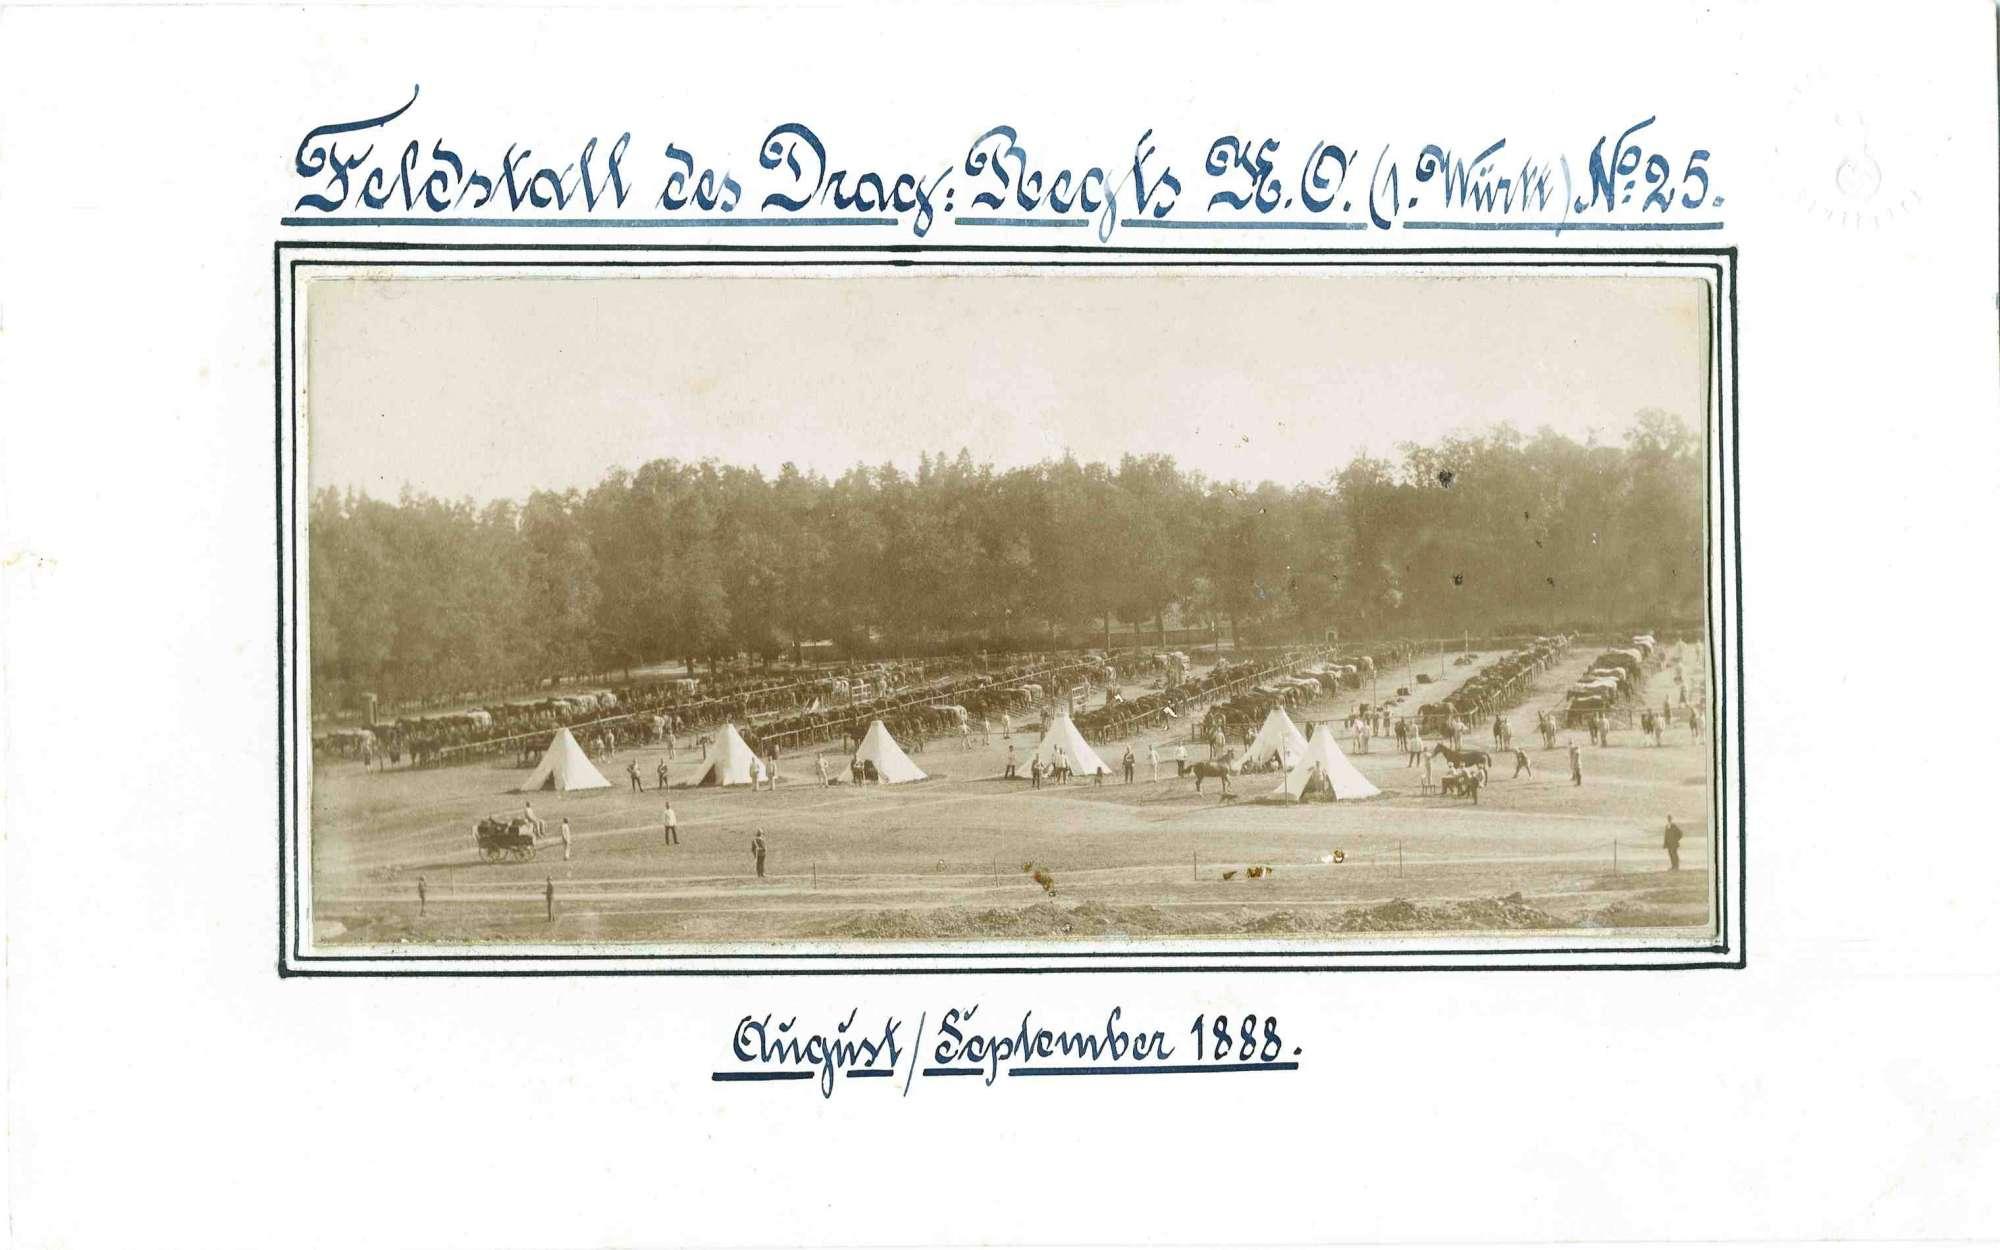 Feldstall des Regiments der Garnison Ludwigsburg: Pferde in Boxen im Freien stehend, im Vordergrund Zelte, Bild 1